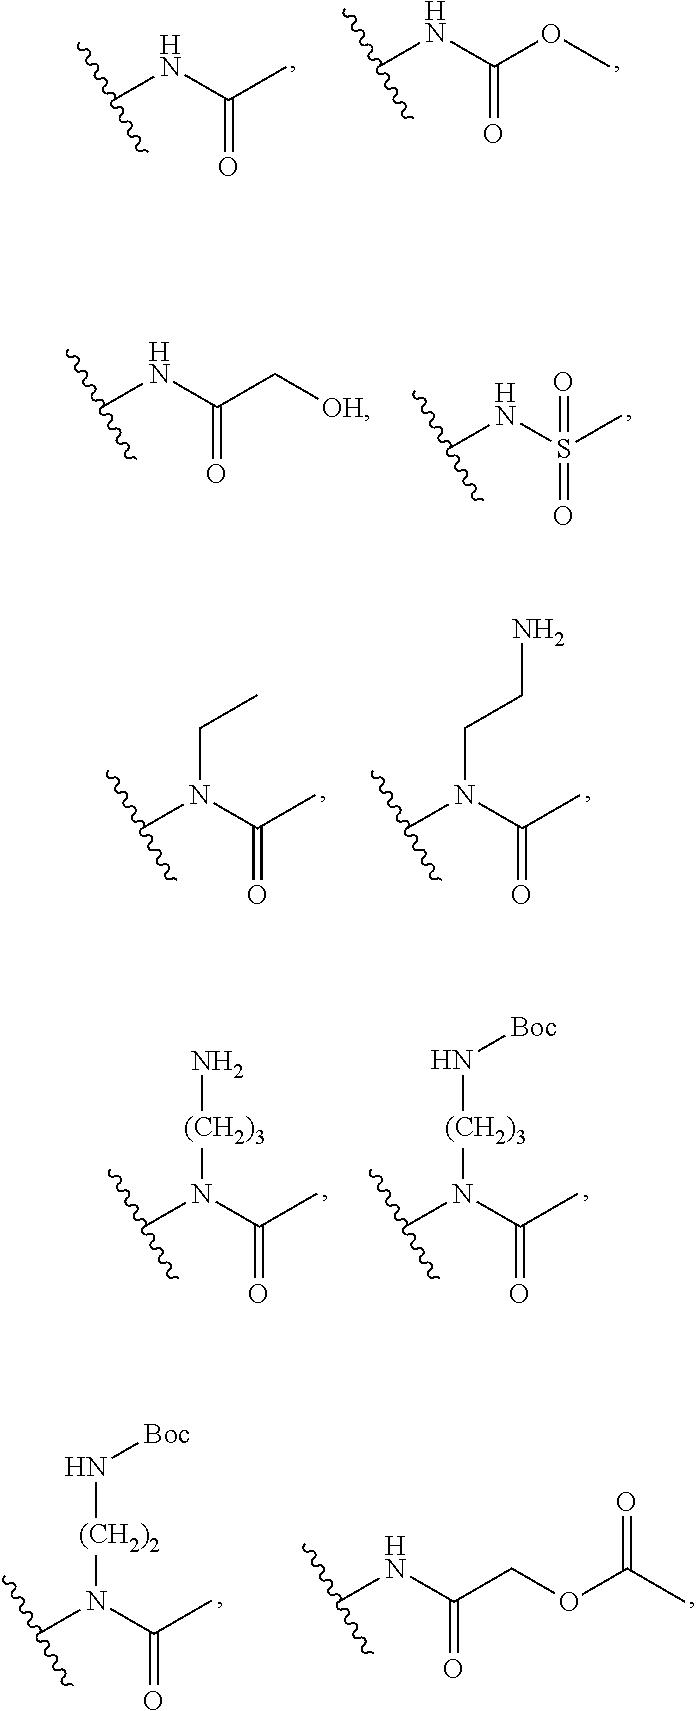 Figure US09561228-20170207-C00029